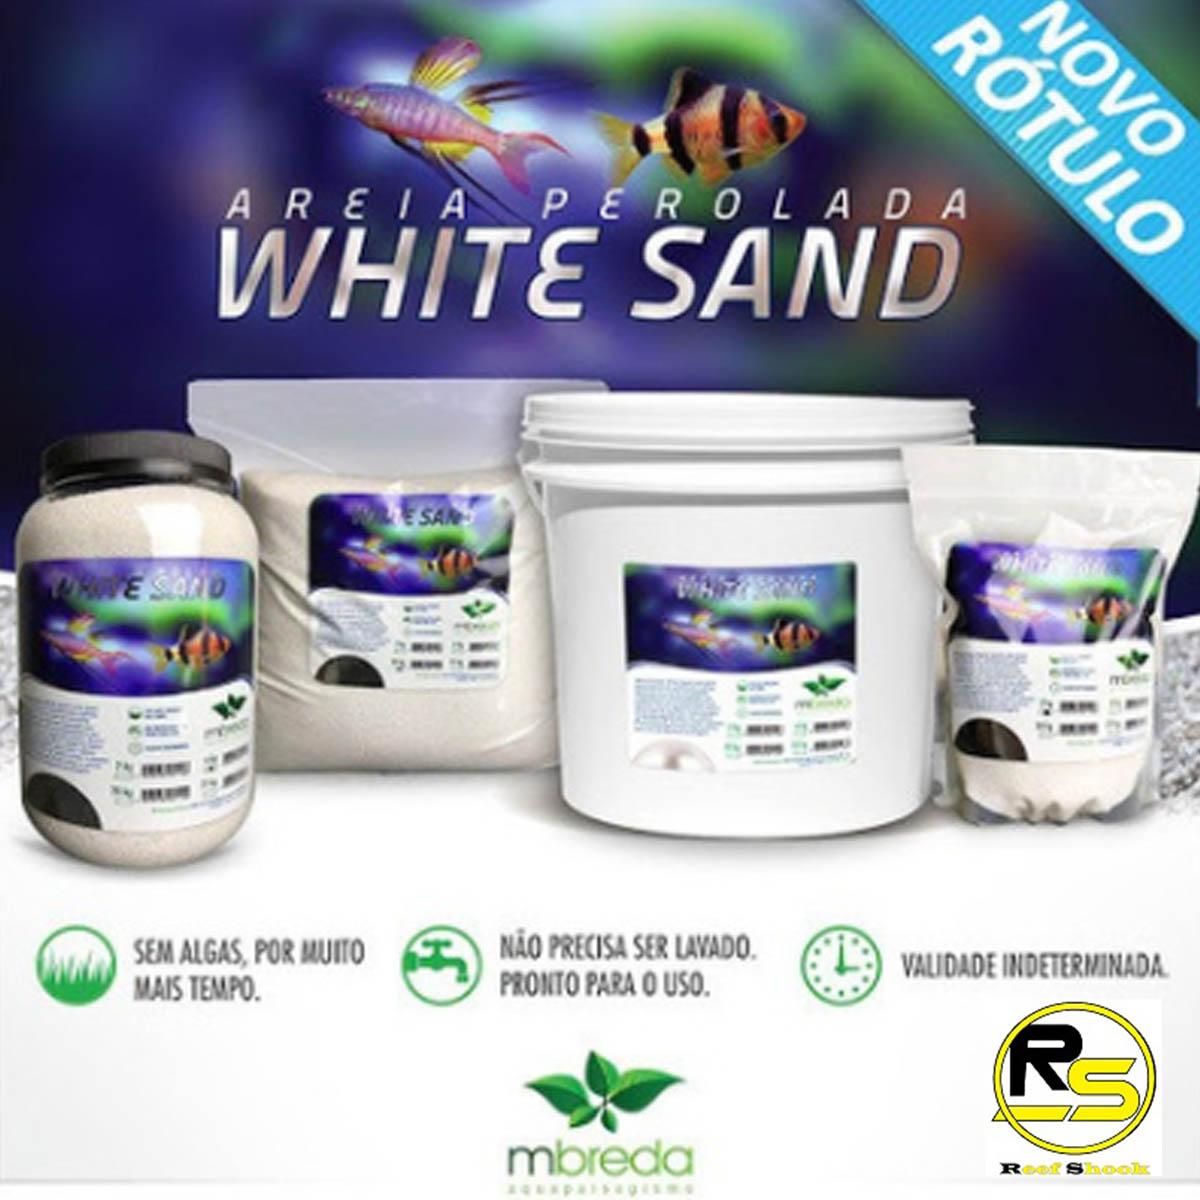 Areia White Sand Mbreda Pote 6Kg